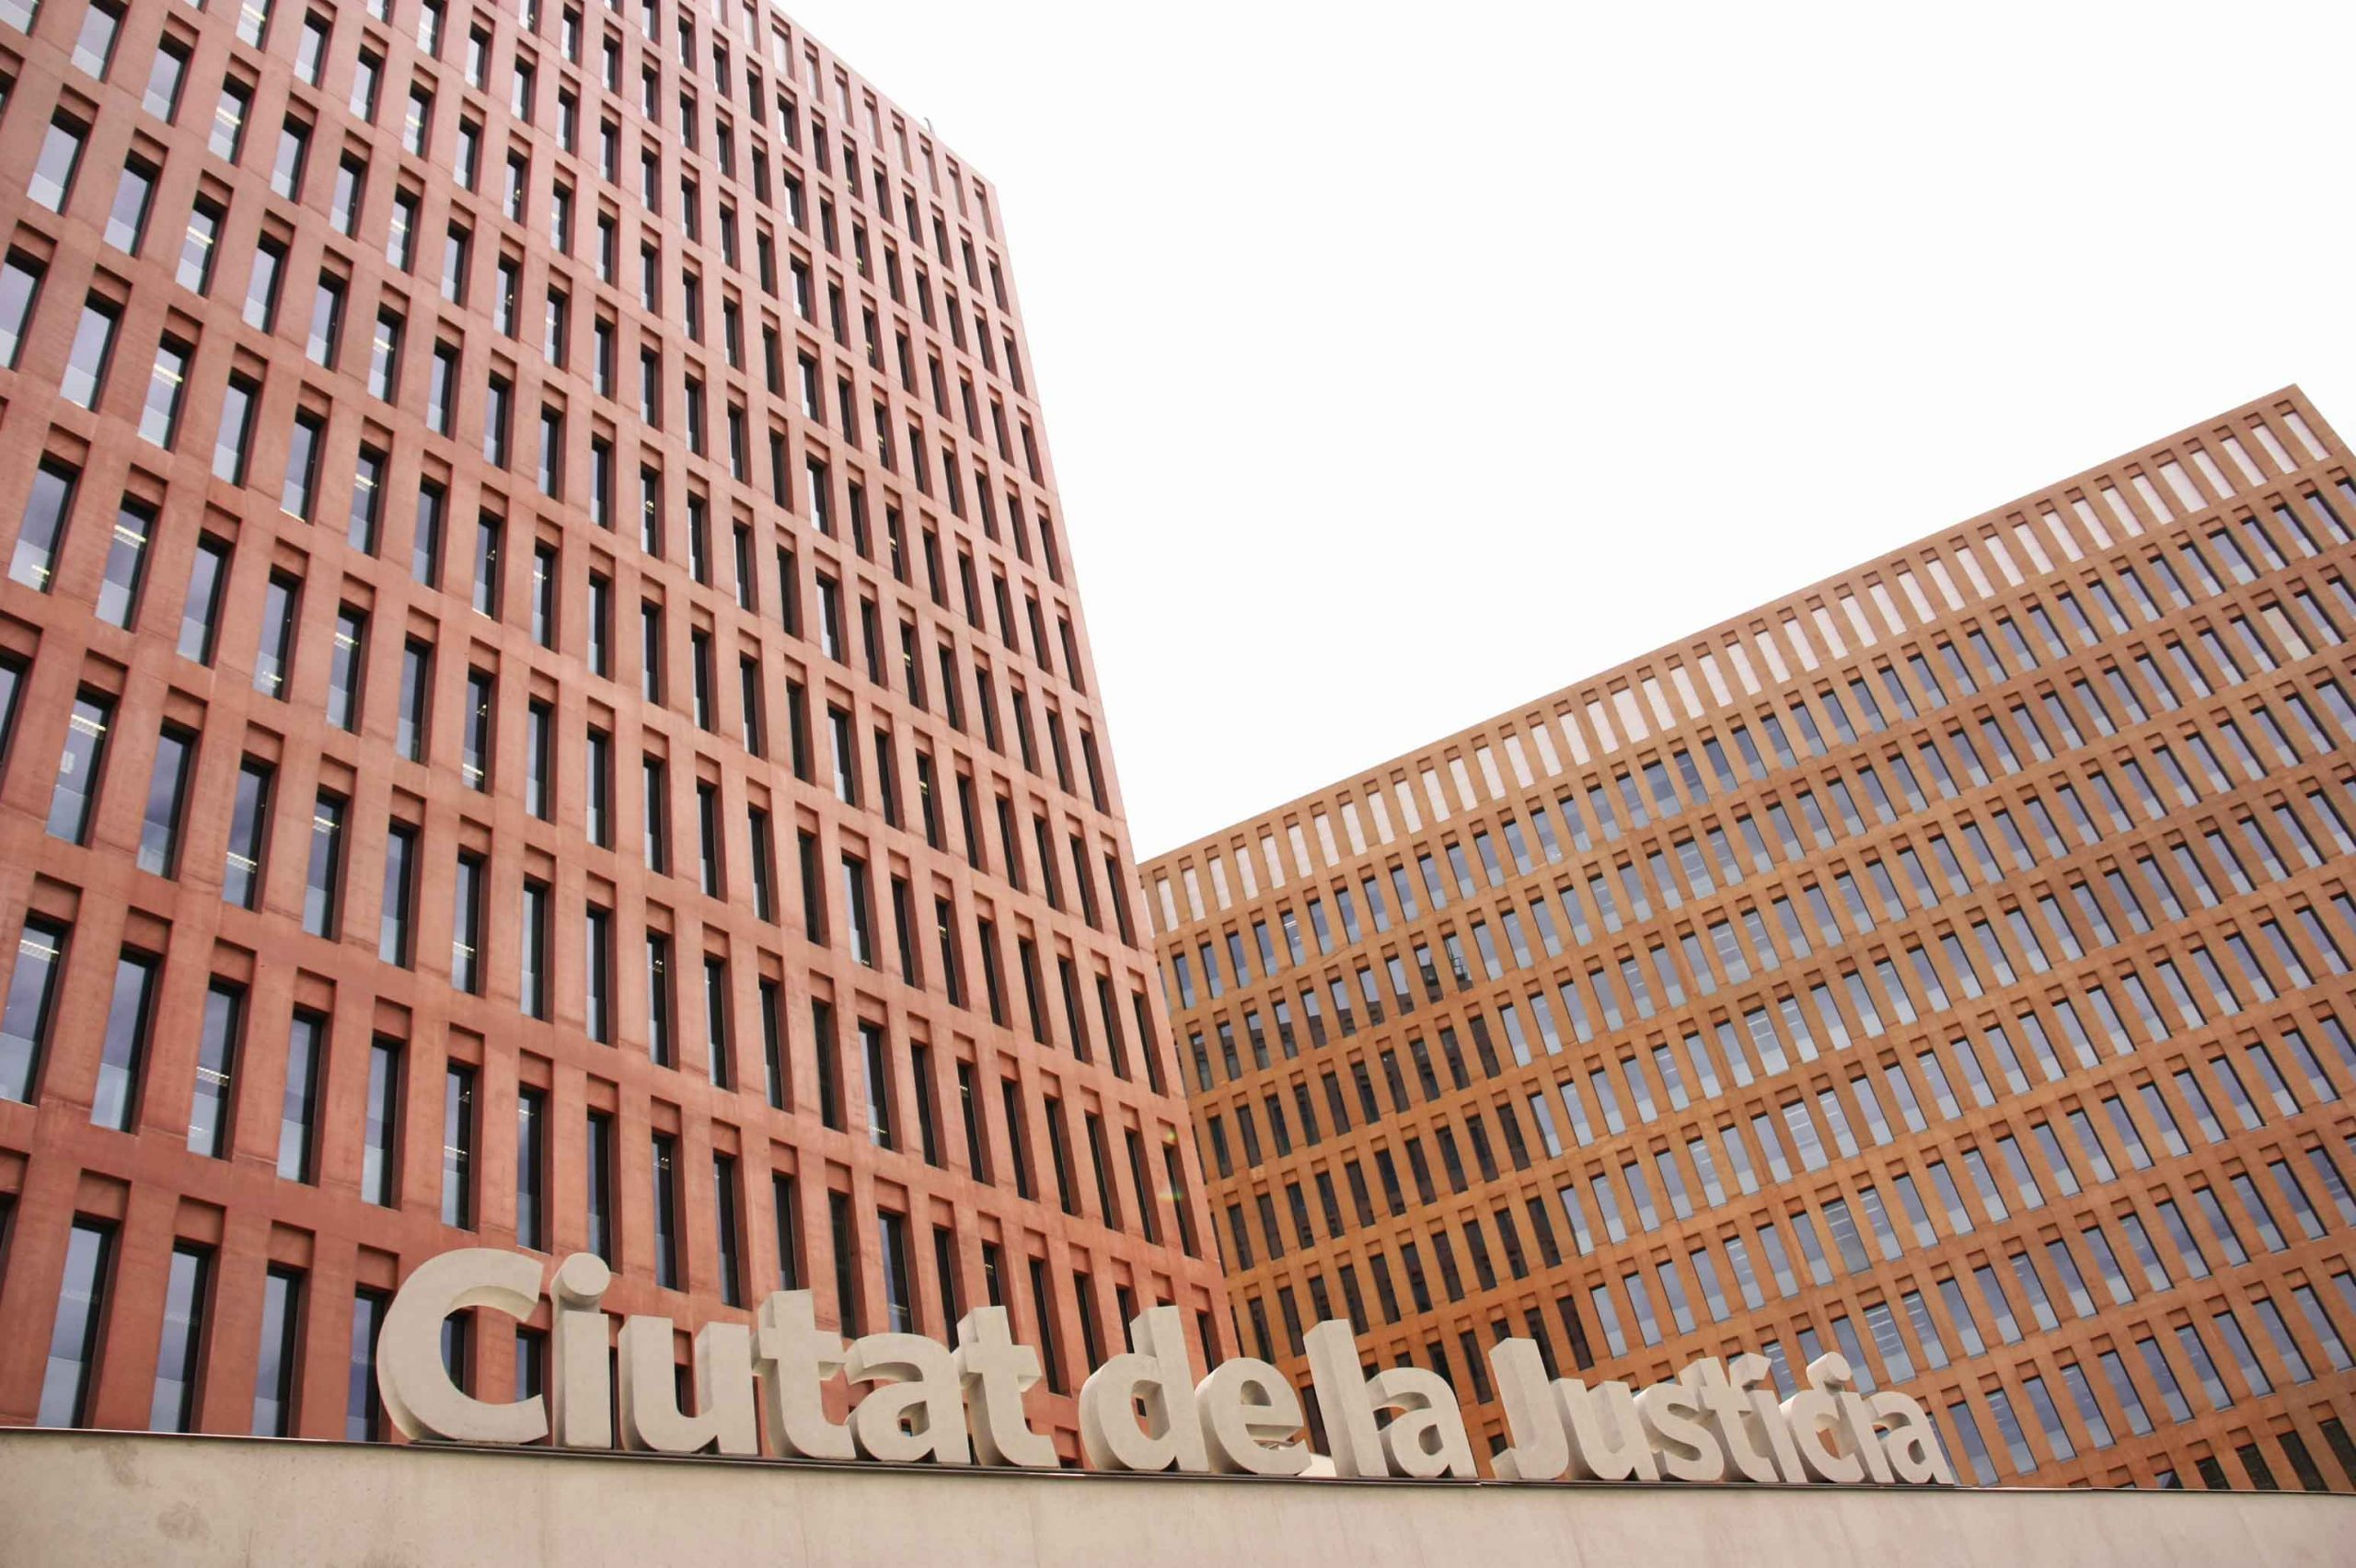 El Ministerio de Justicia activará 23 juzgados para casos vinculados al Covid-19